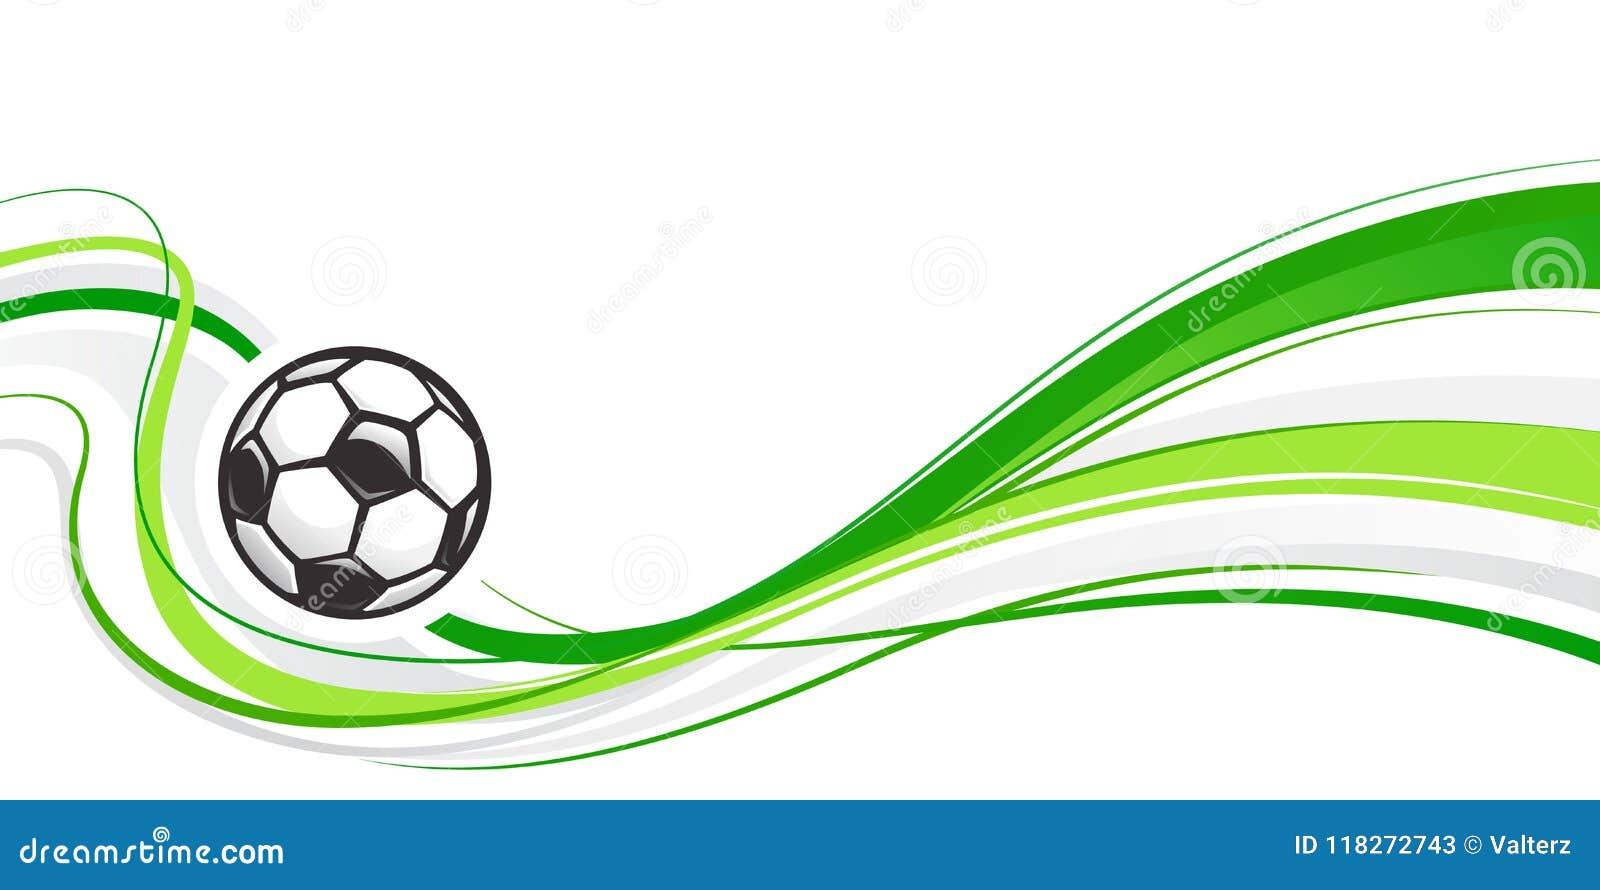 Предпосылка футбола абстрактная с шариком и зелеными волнами Абстрактный элемент футбола волны для дизайна спорт футбола футбола